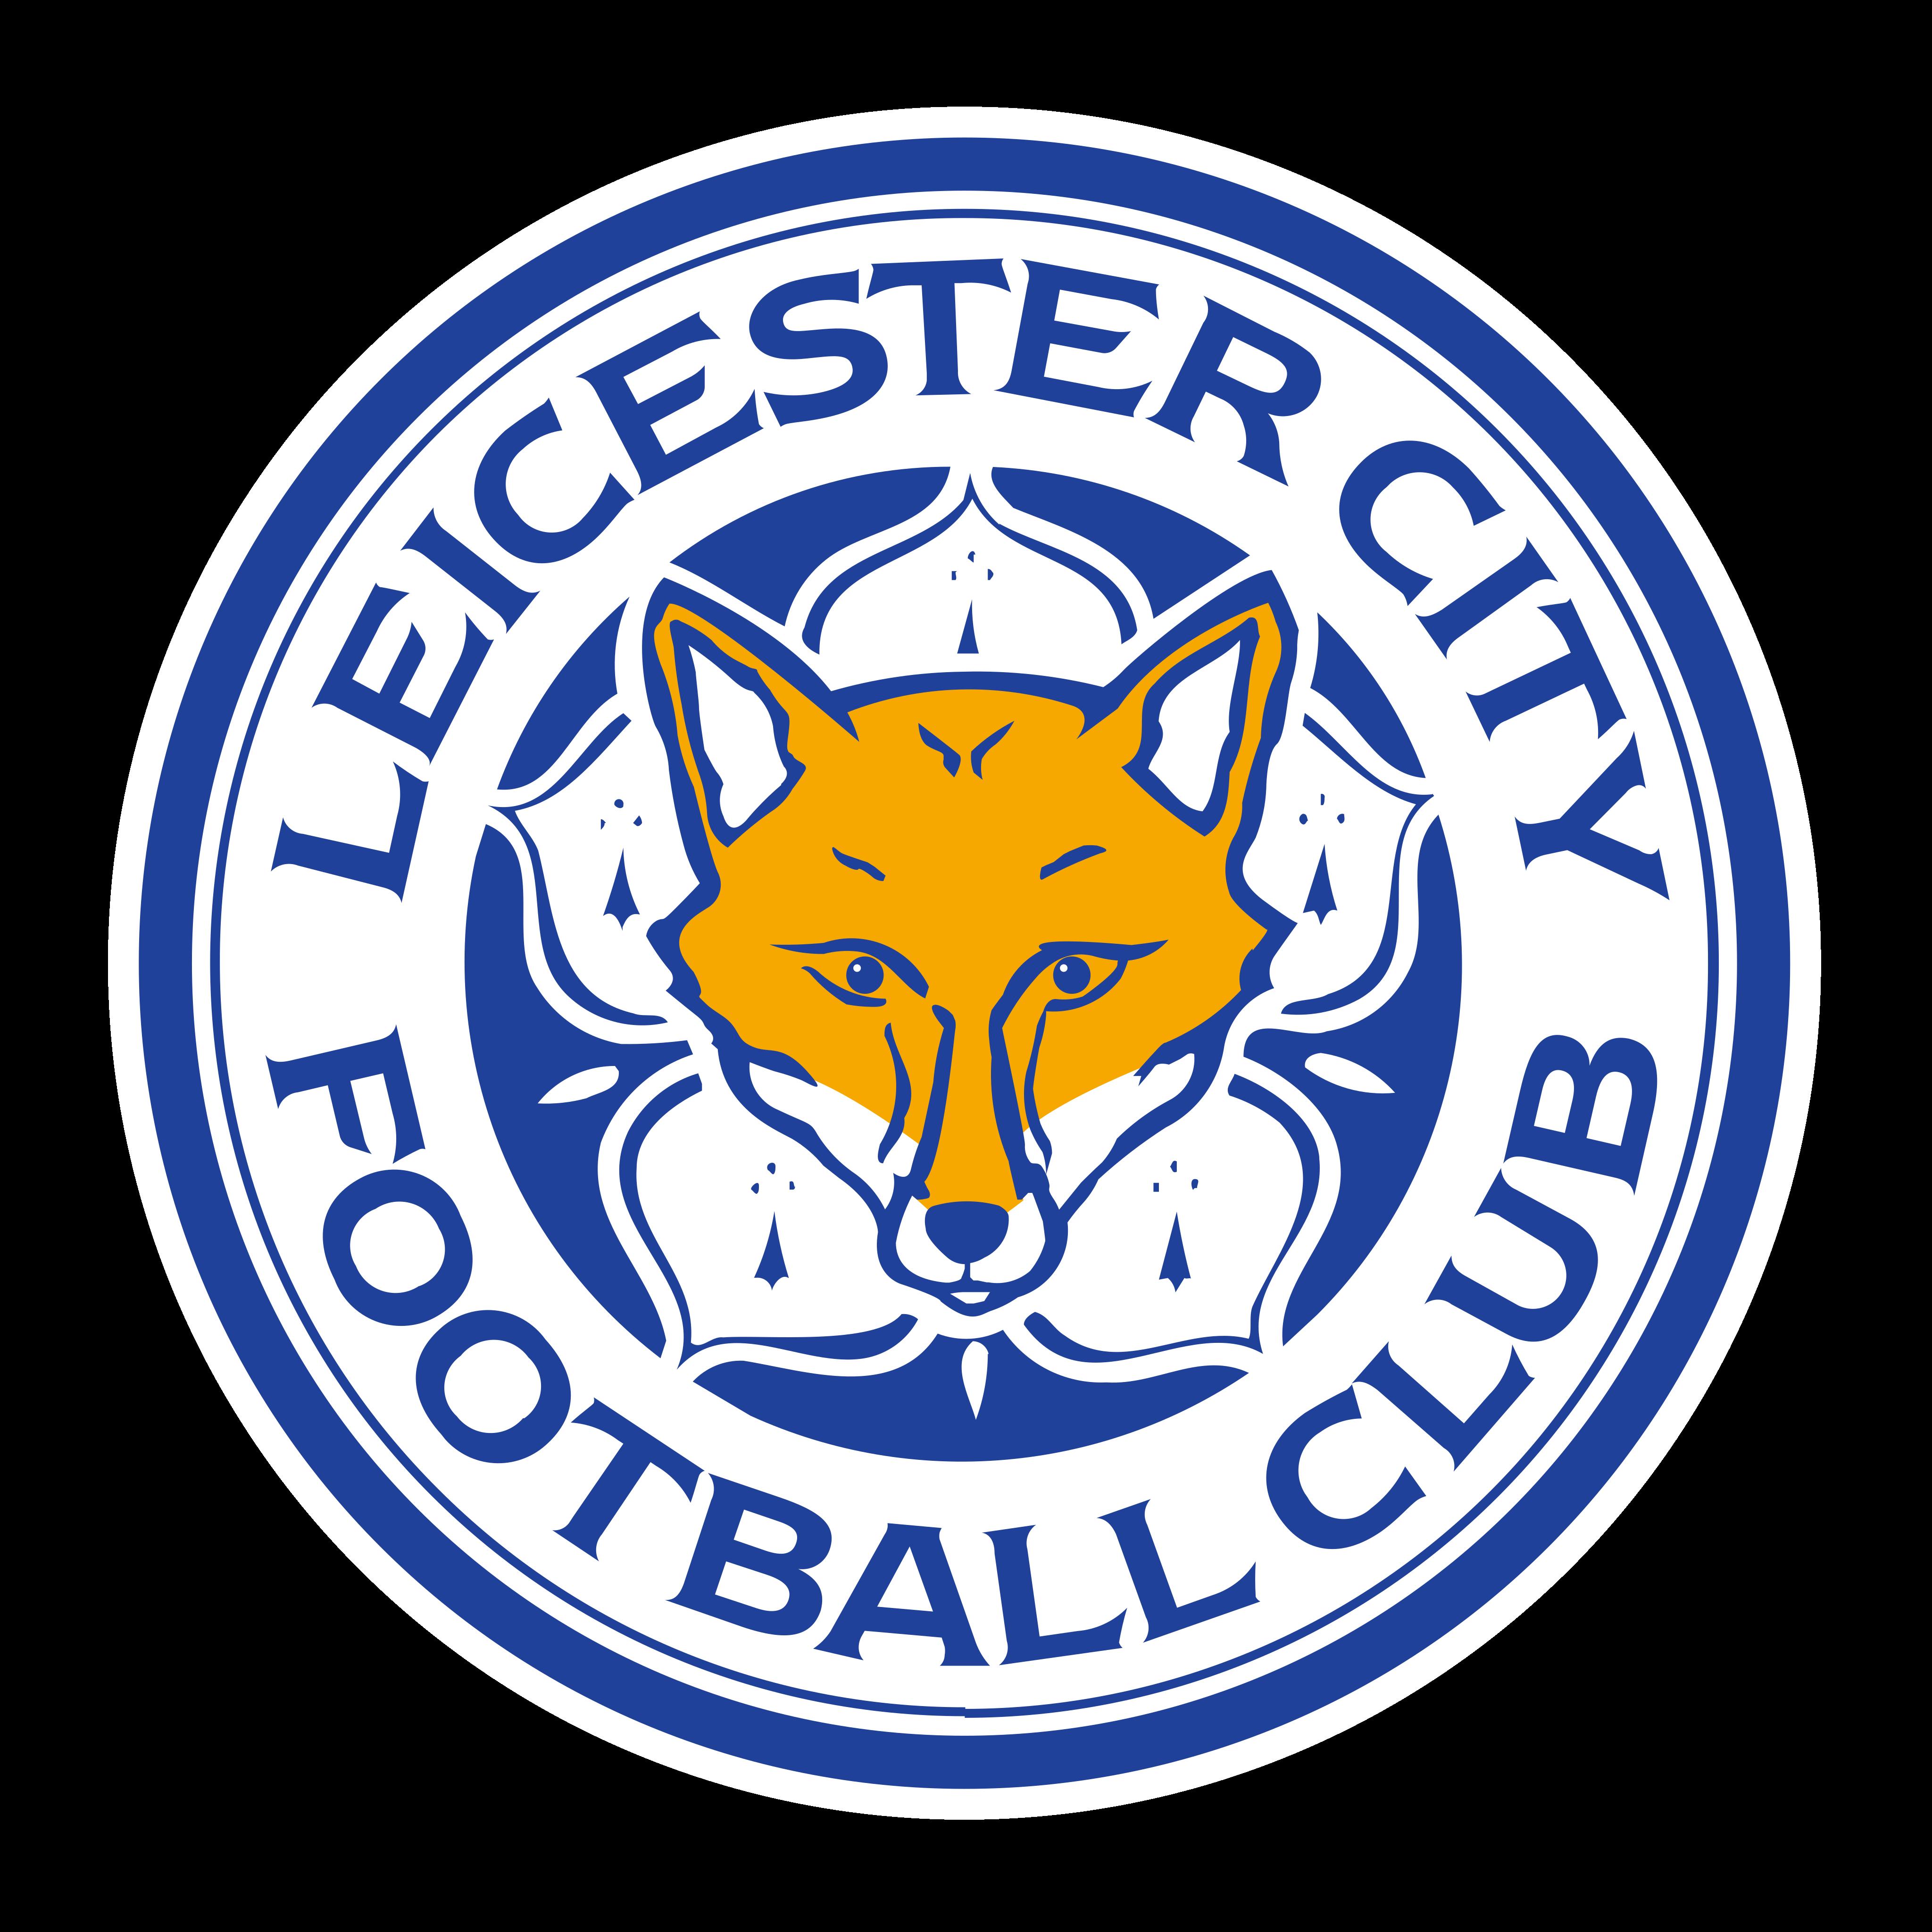 leicester city logo 0 - Leicester City FC Logo